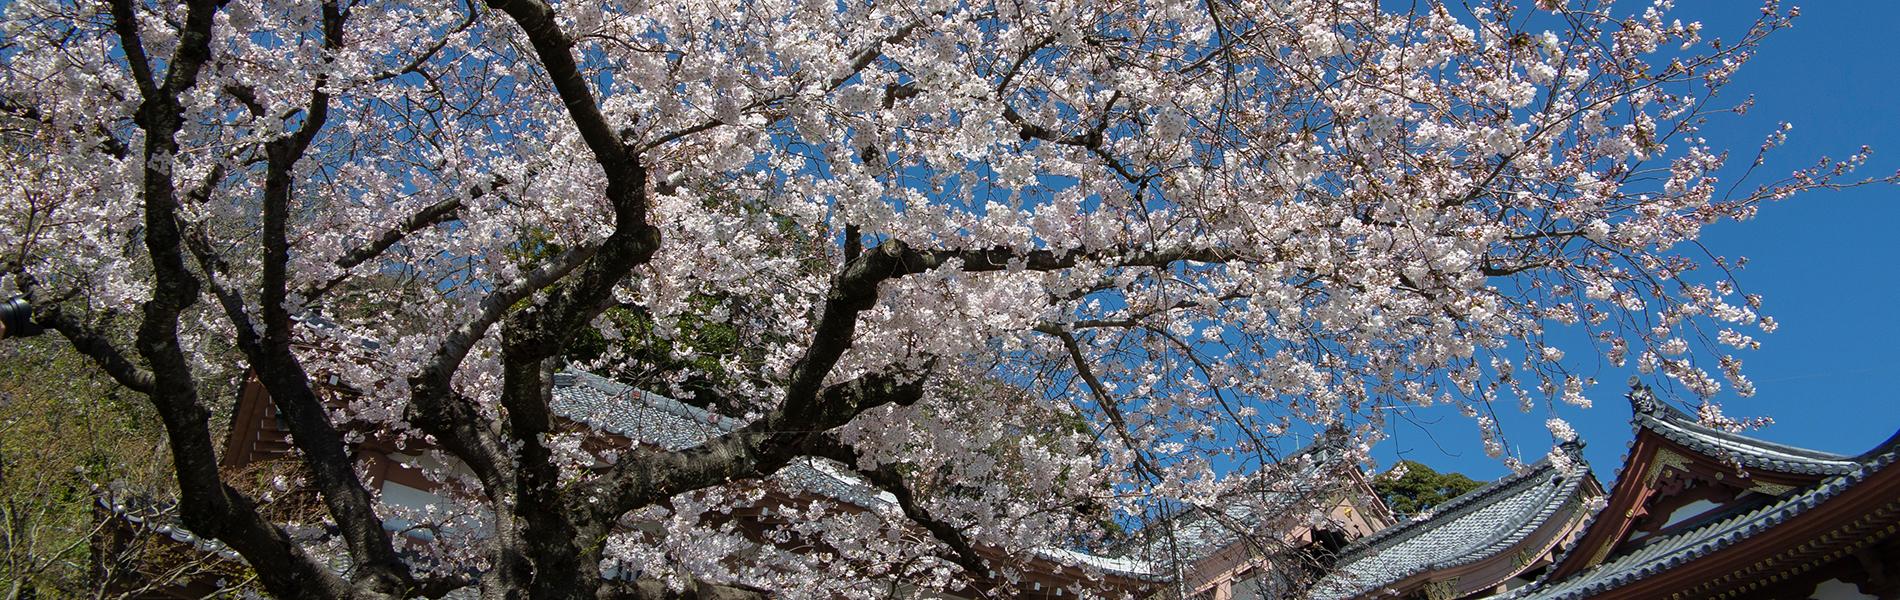 鎌倉の桜 名所と見頃